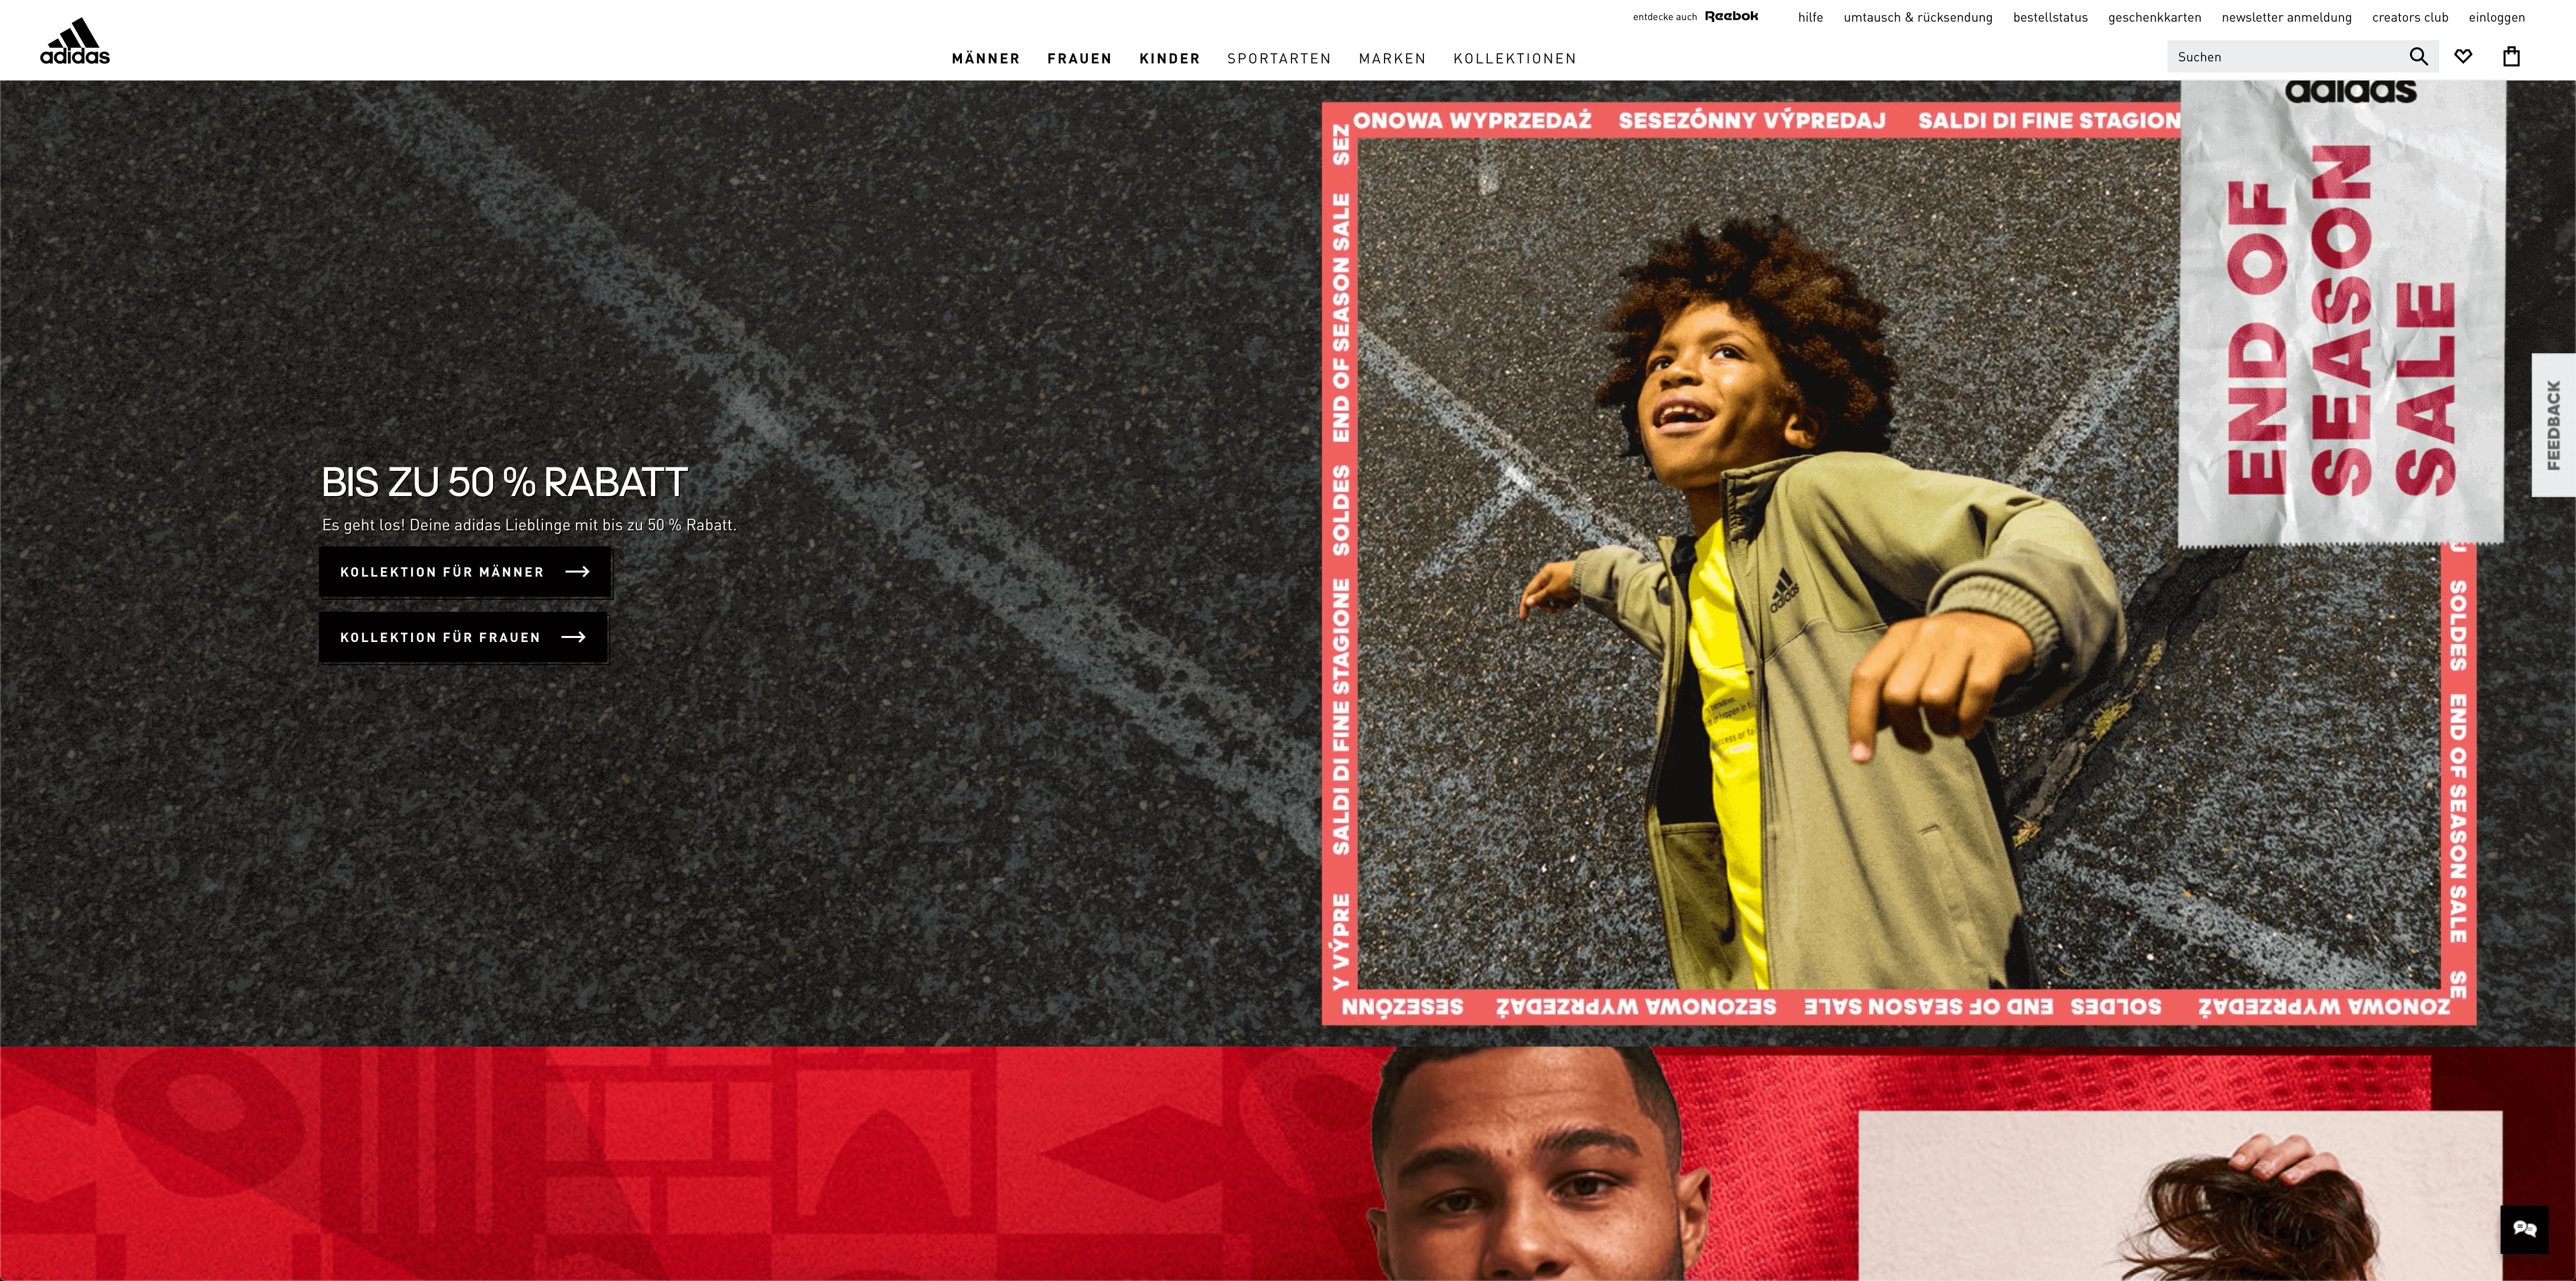 Präsentation von Menschen auf Adidas.de